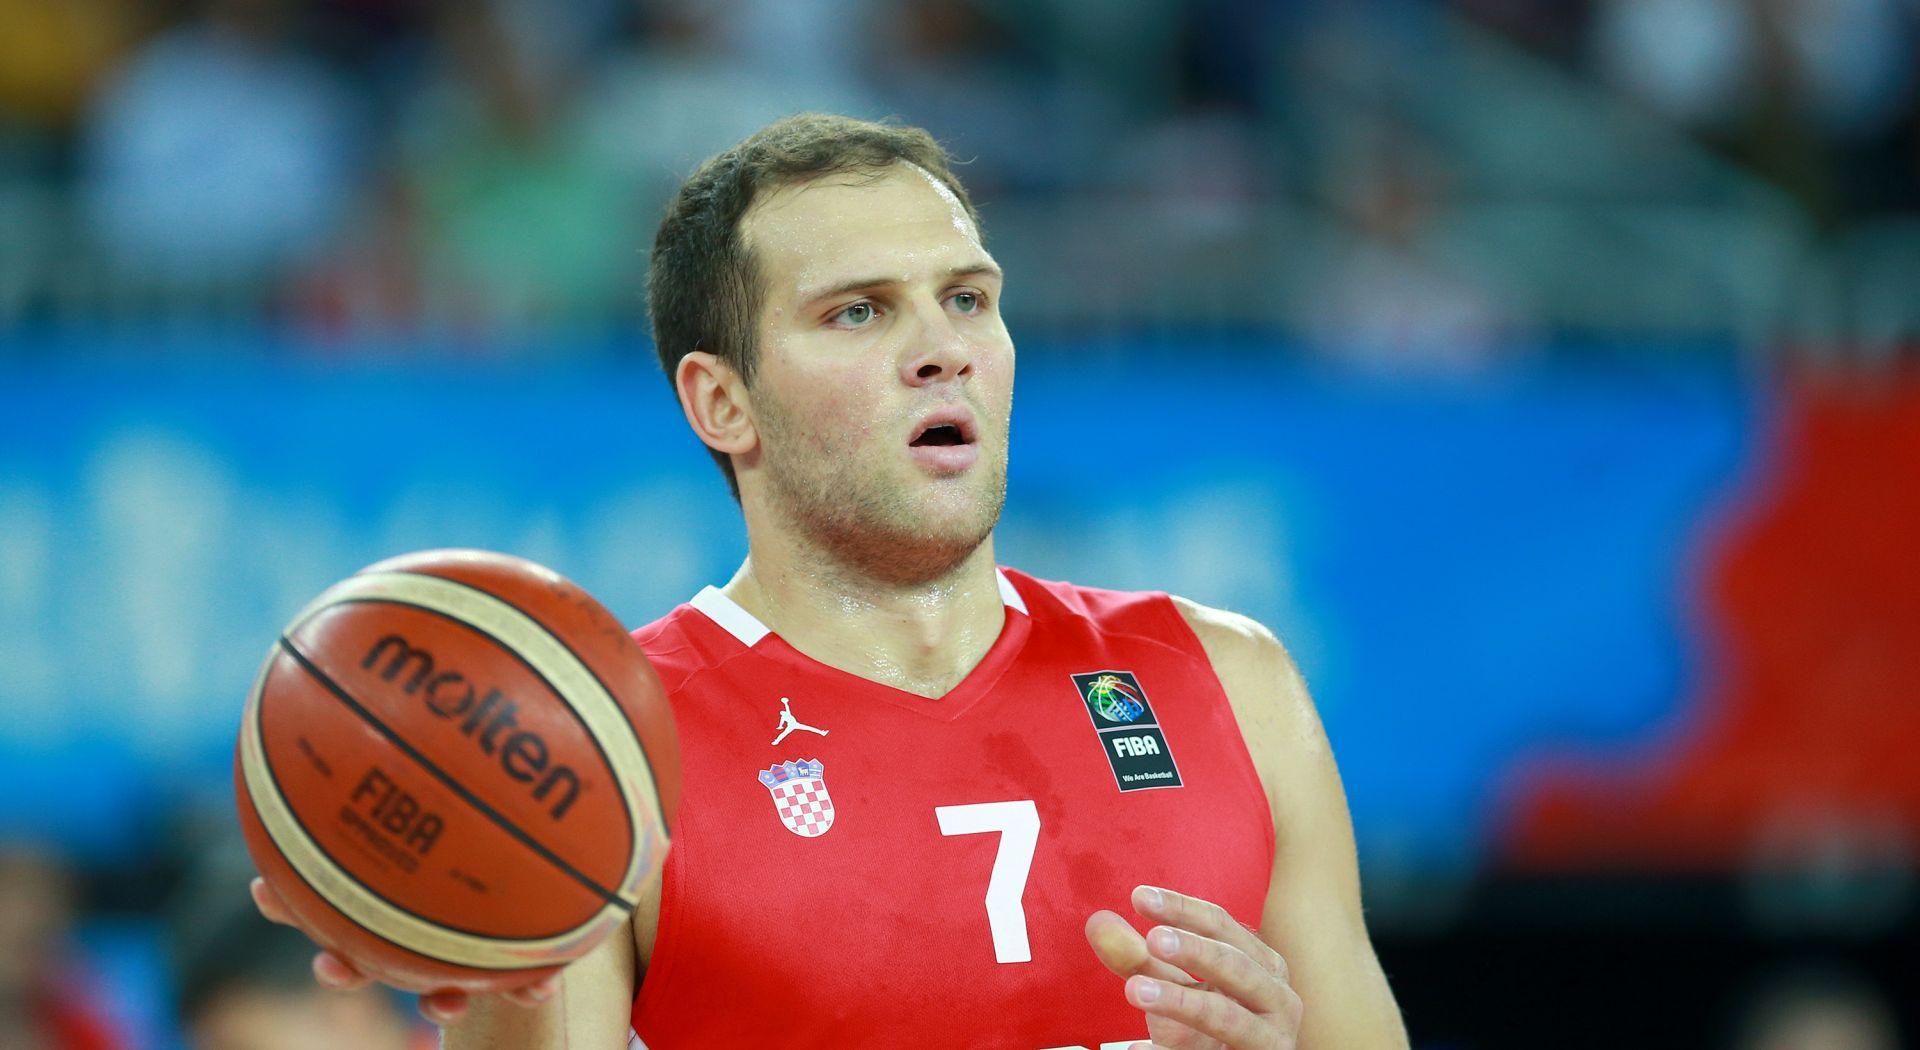 POČINJE LUDILO U NBA 100 stranih košarkaša, među njima i četvorica Hrvata